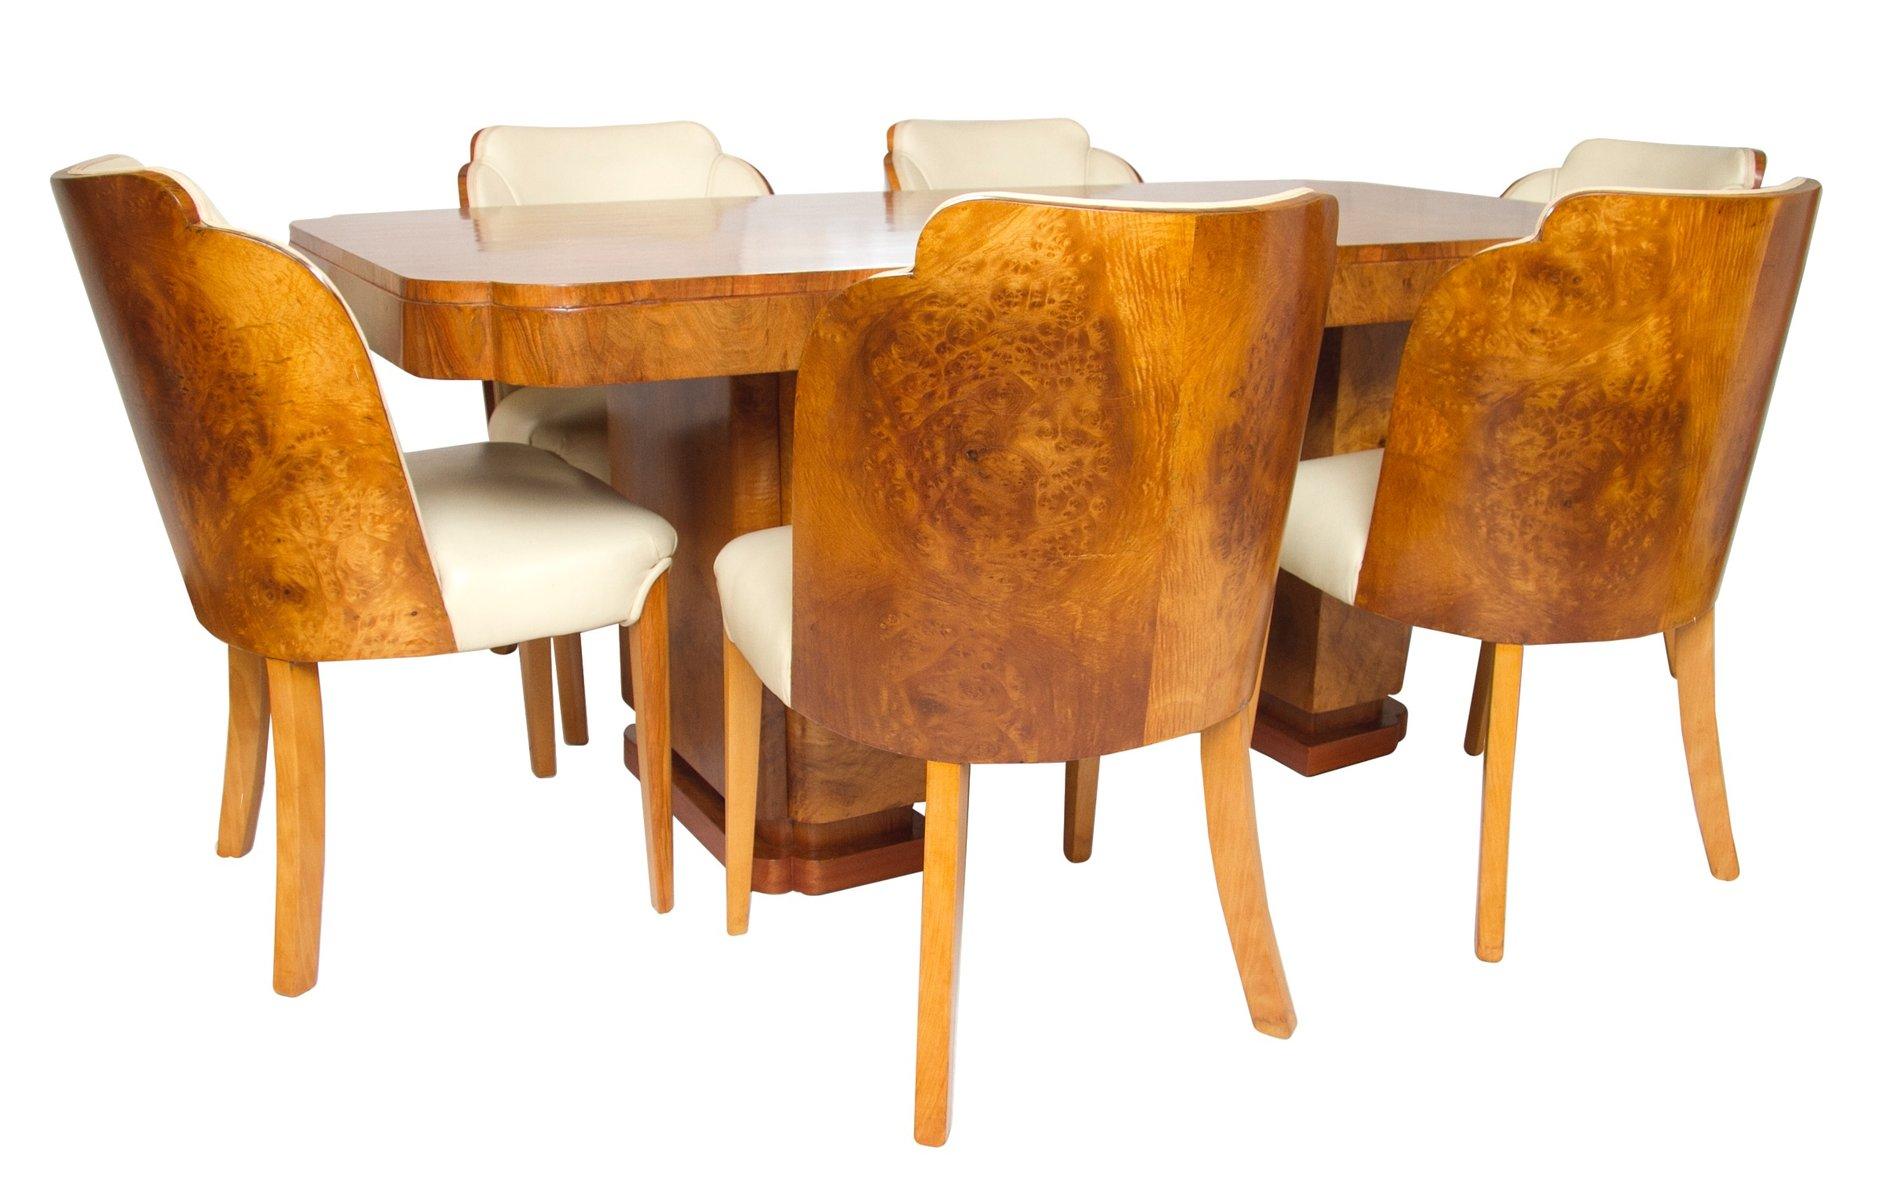 Table de salle manger et chaises art d co nuage par for Salle a manger harry potter